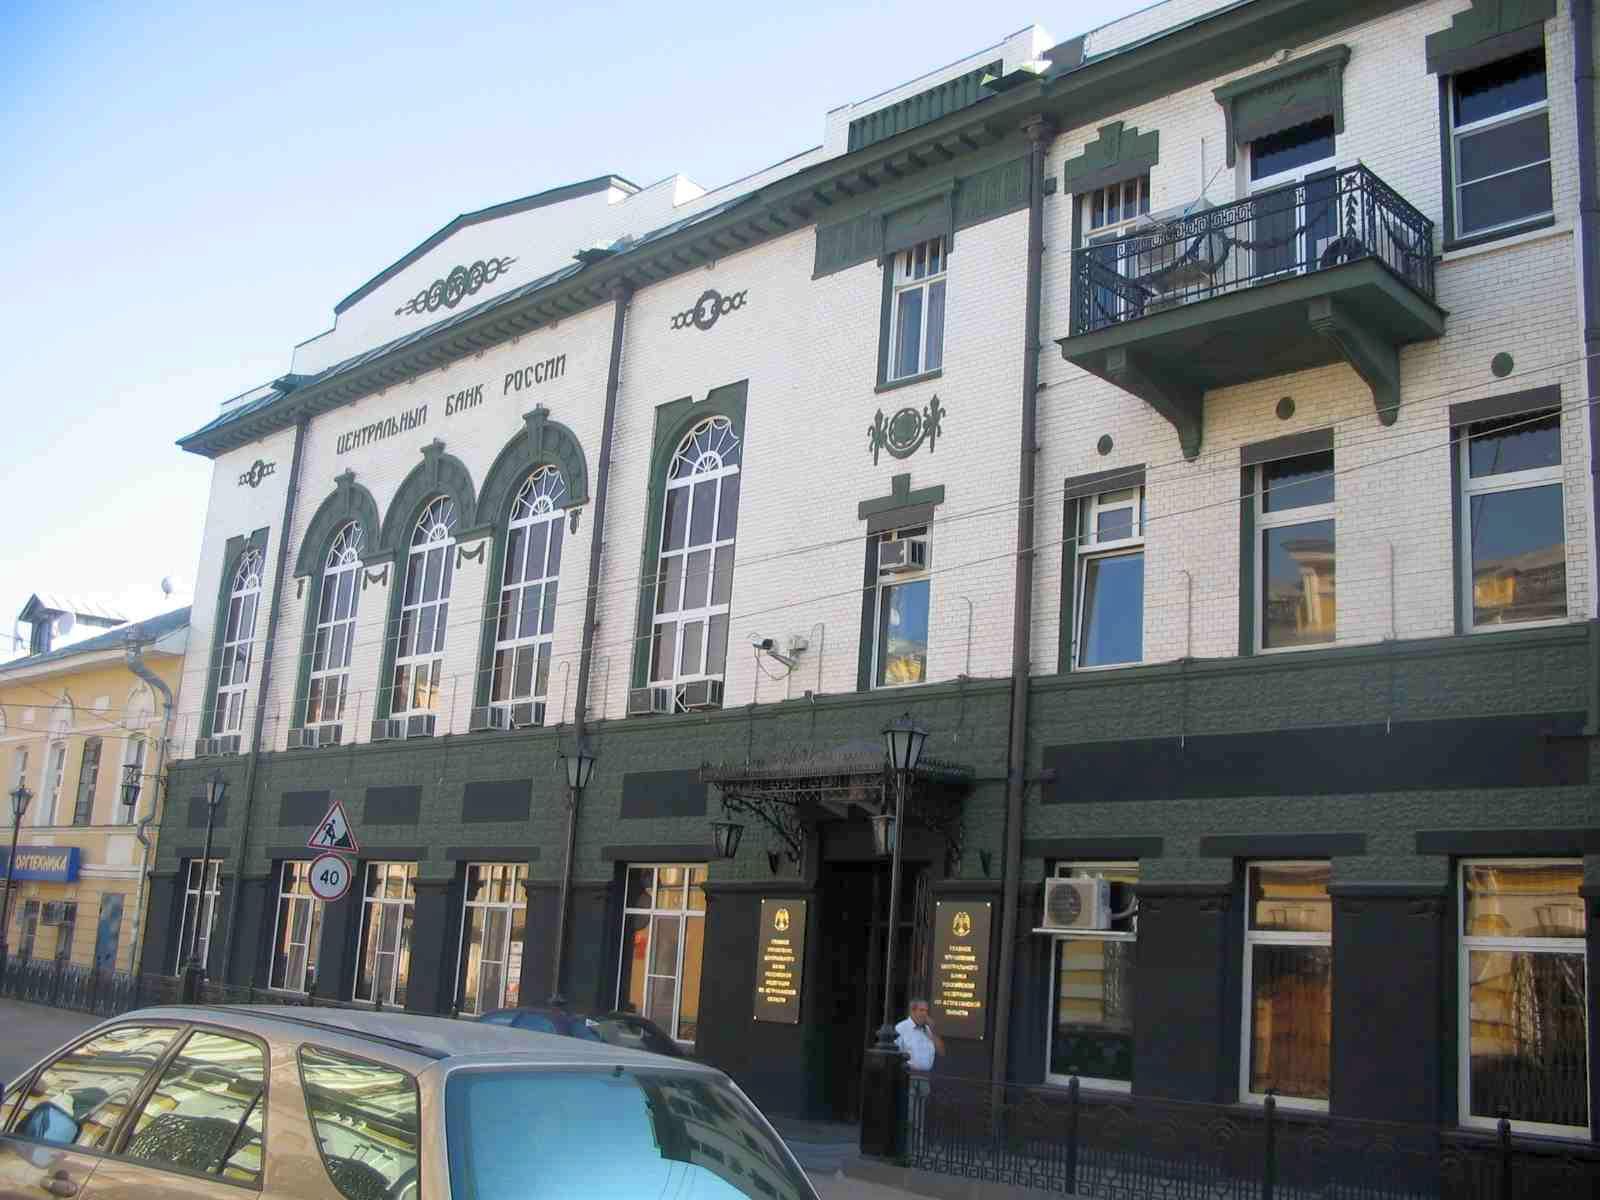 Бывшее отделение Азовско-Донского коммерческого банка, ныне Центрального банка. Город Астрахань.